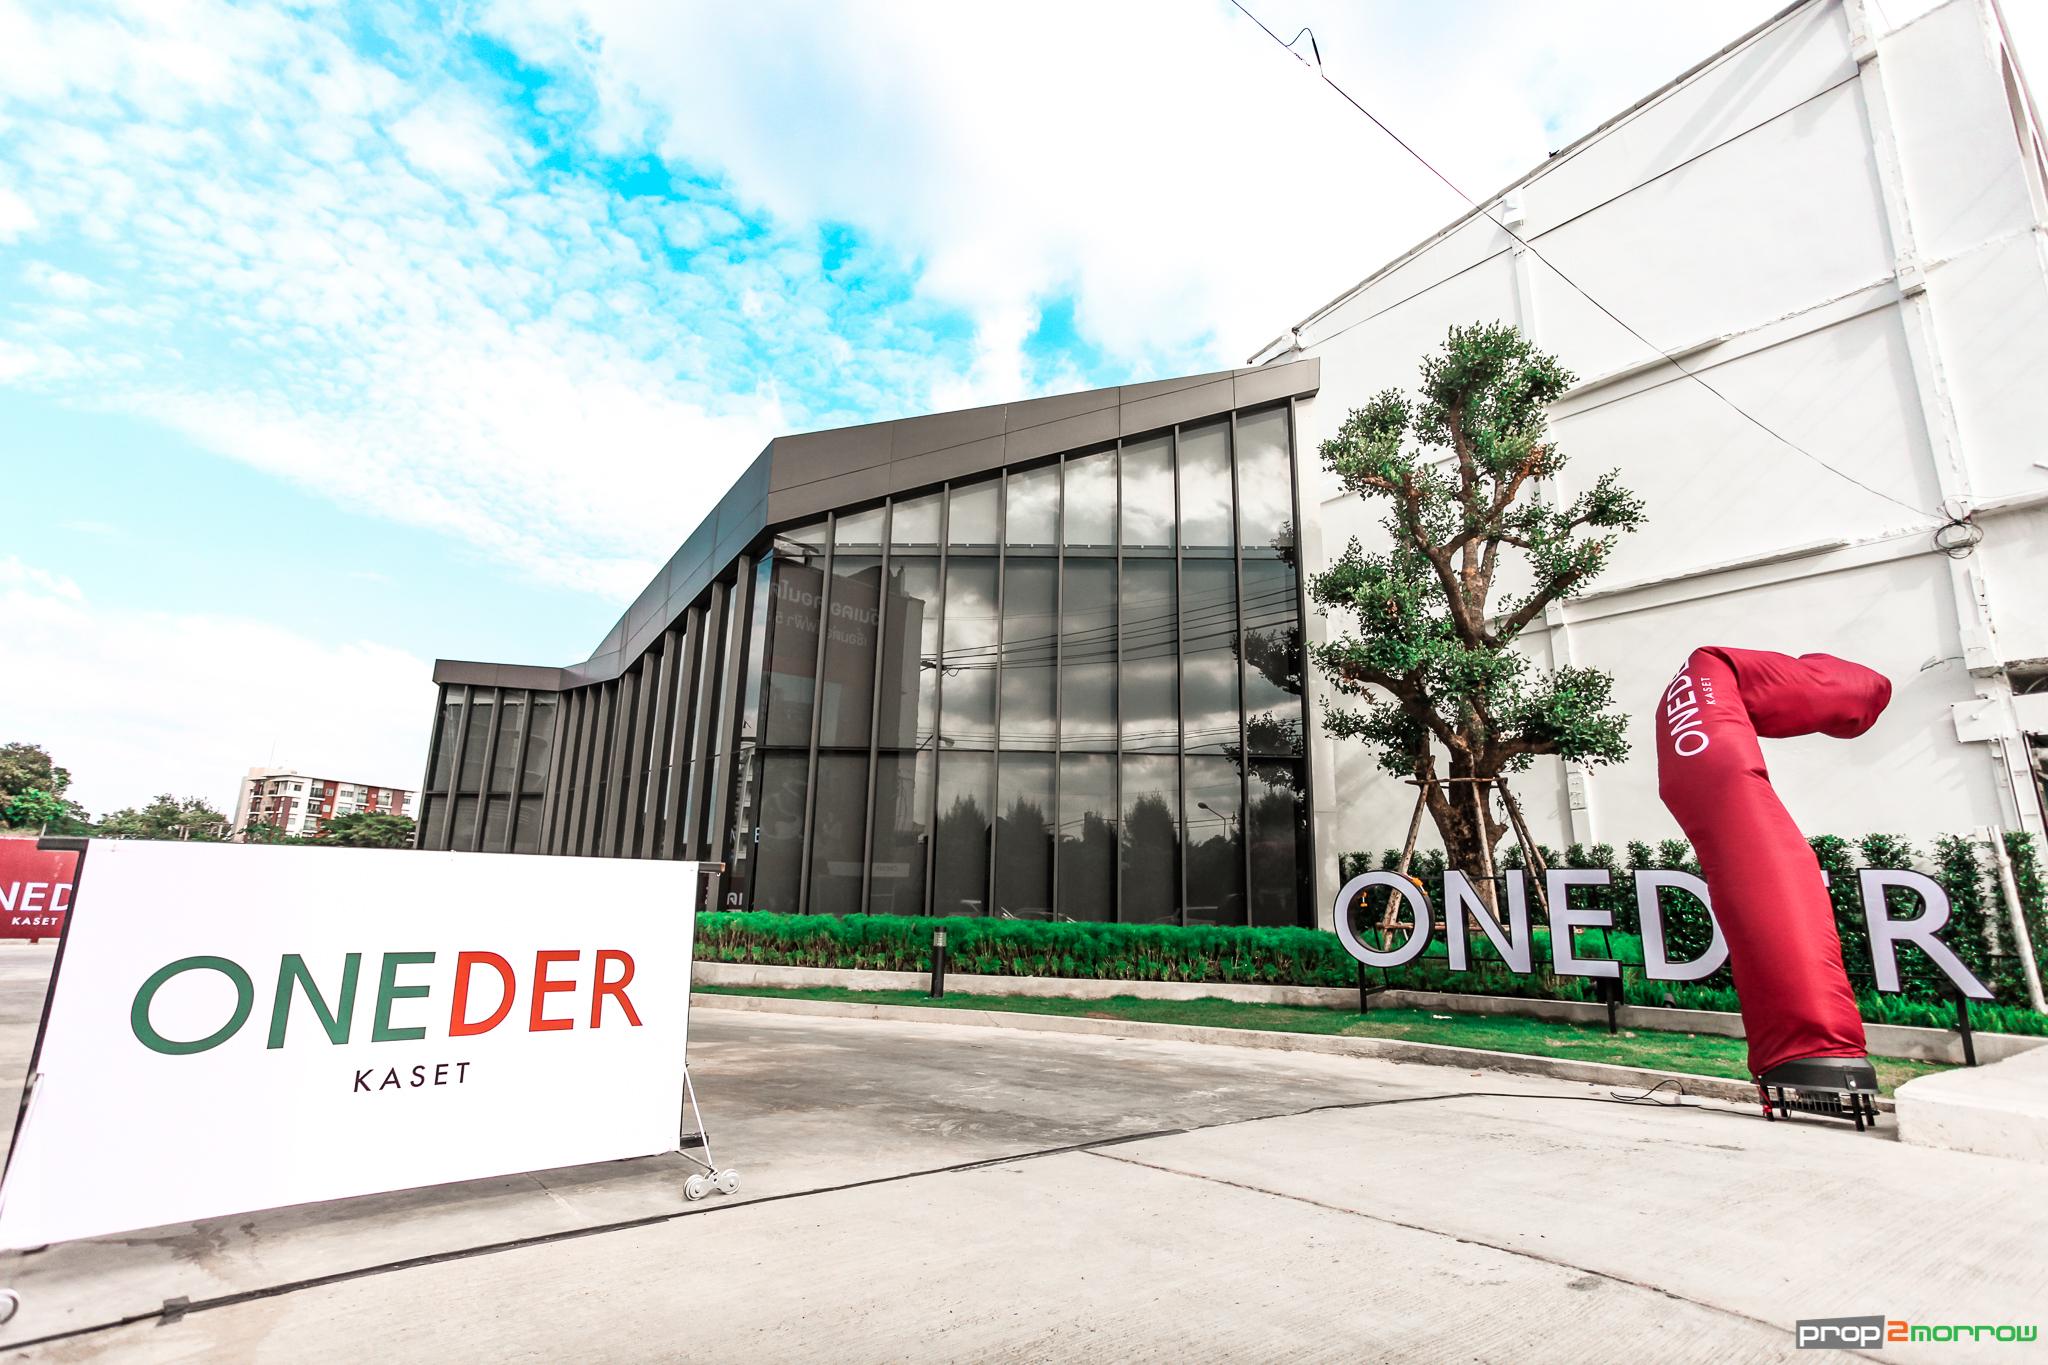 เลือกใช้ชีวิตสร้างสรรค์ เลือกอยู่ ONEDER KASET คอนโดใหม่ ใกล้ มเกษตรฯ | Prop2Morrow บ้าน คอนโด ข่าวอสังหาฯ